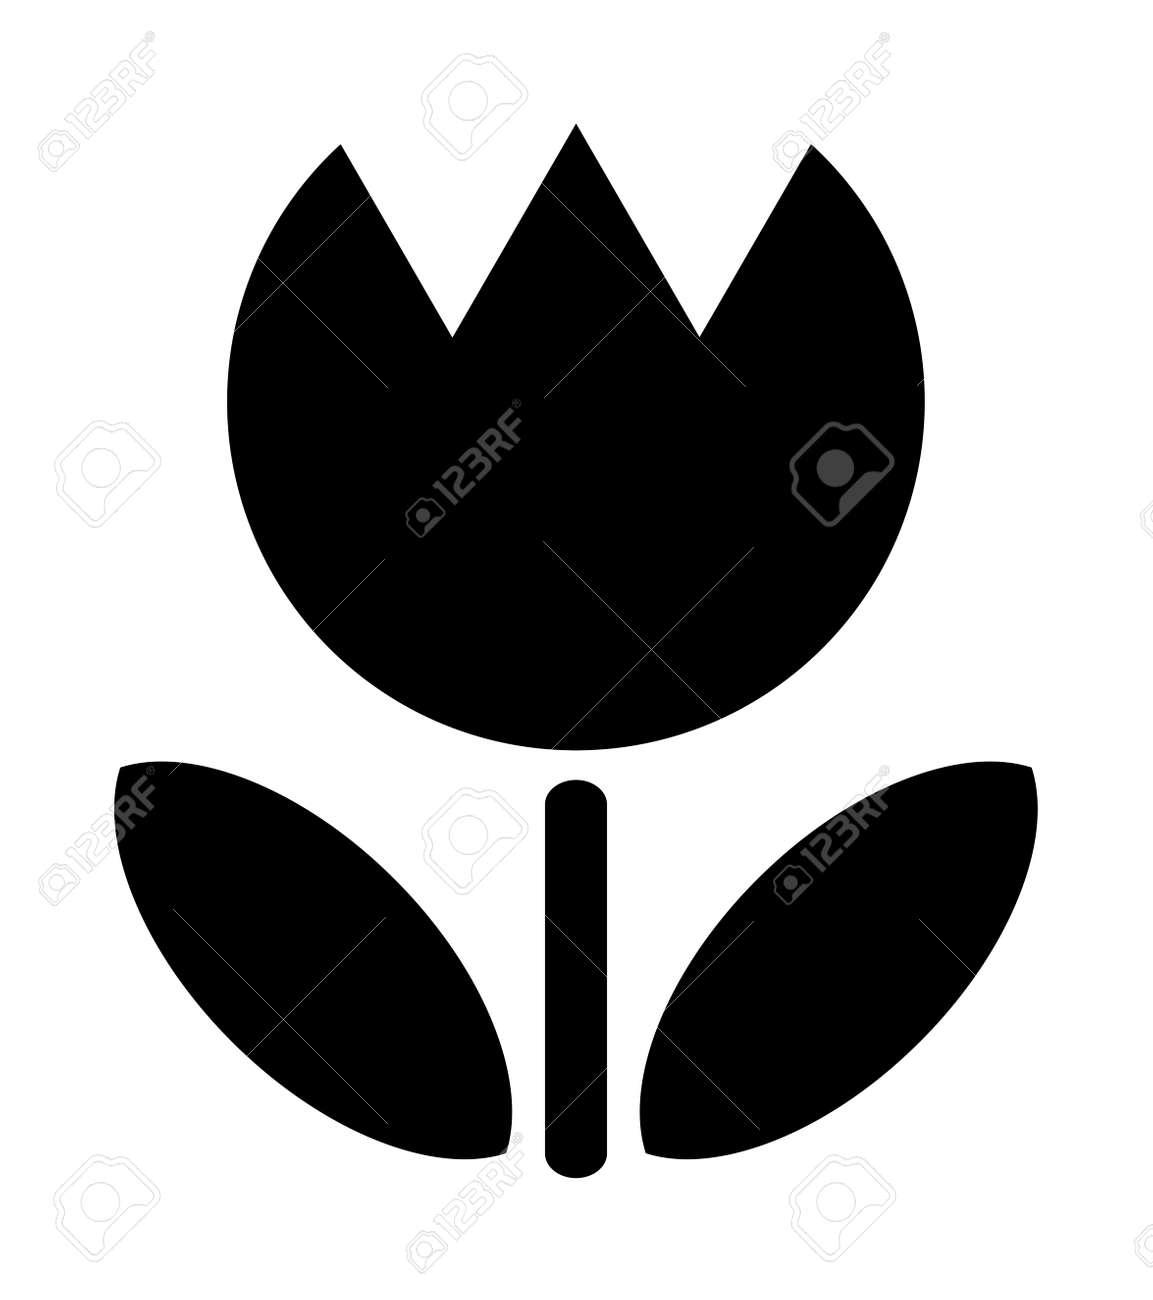 Tulip silhouette - 159994534